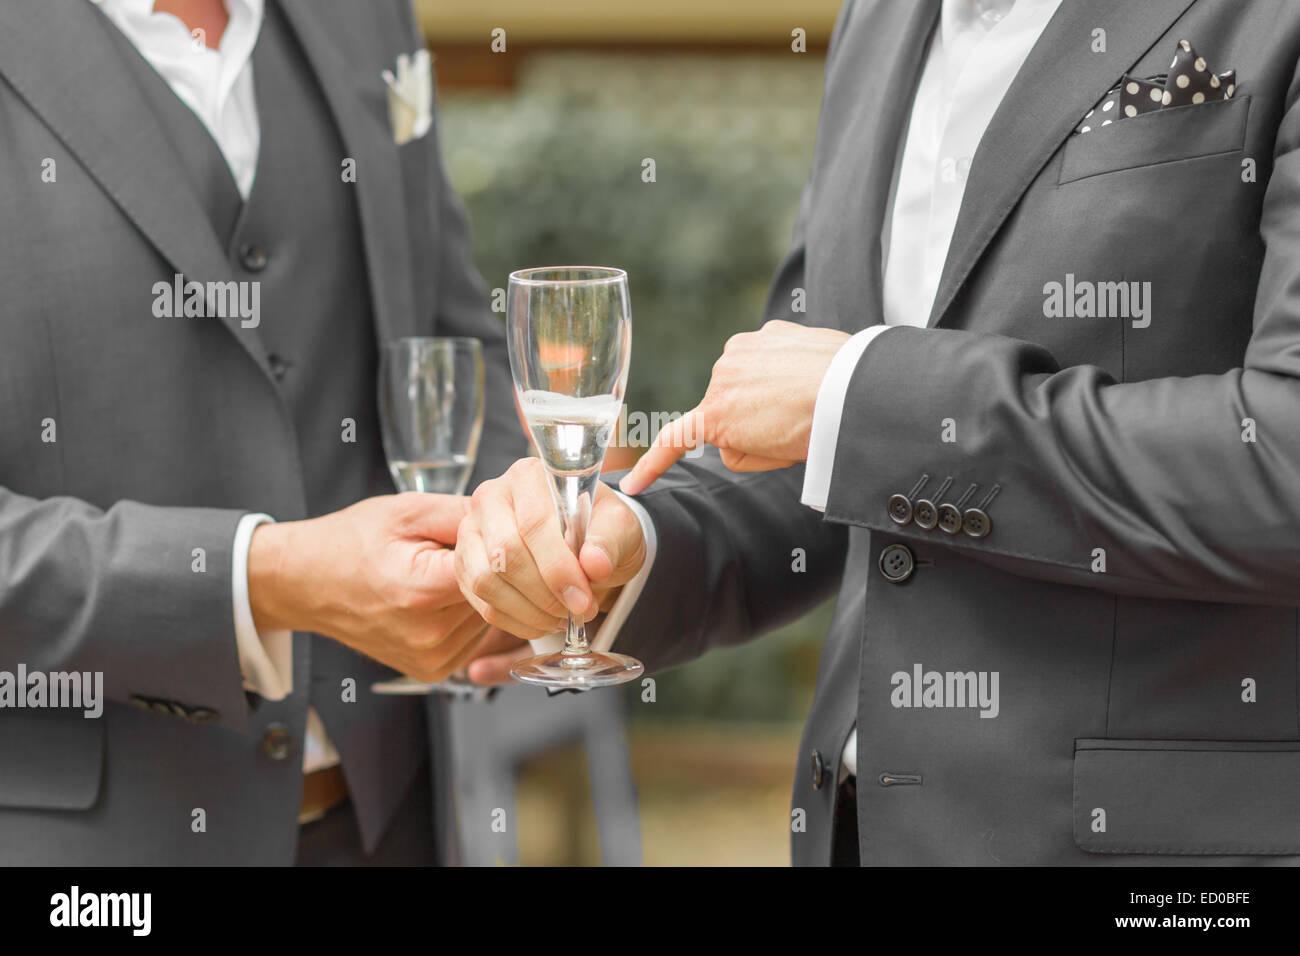 La sezione centrale della tuta completa uomini azienda bicchieri di vino Immagini Stock